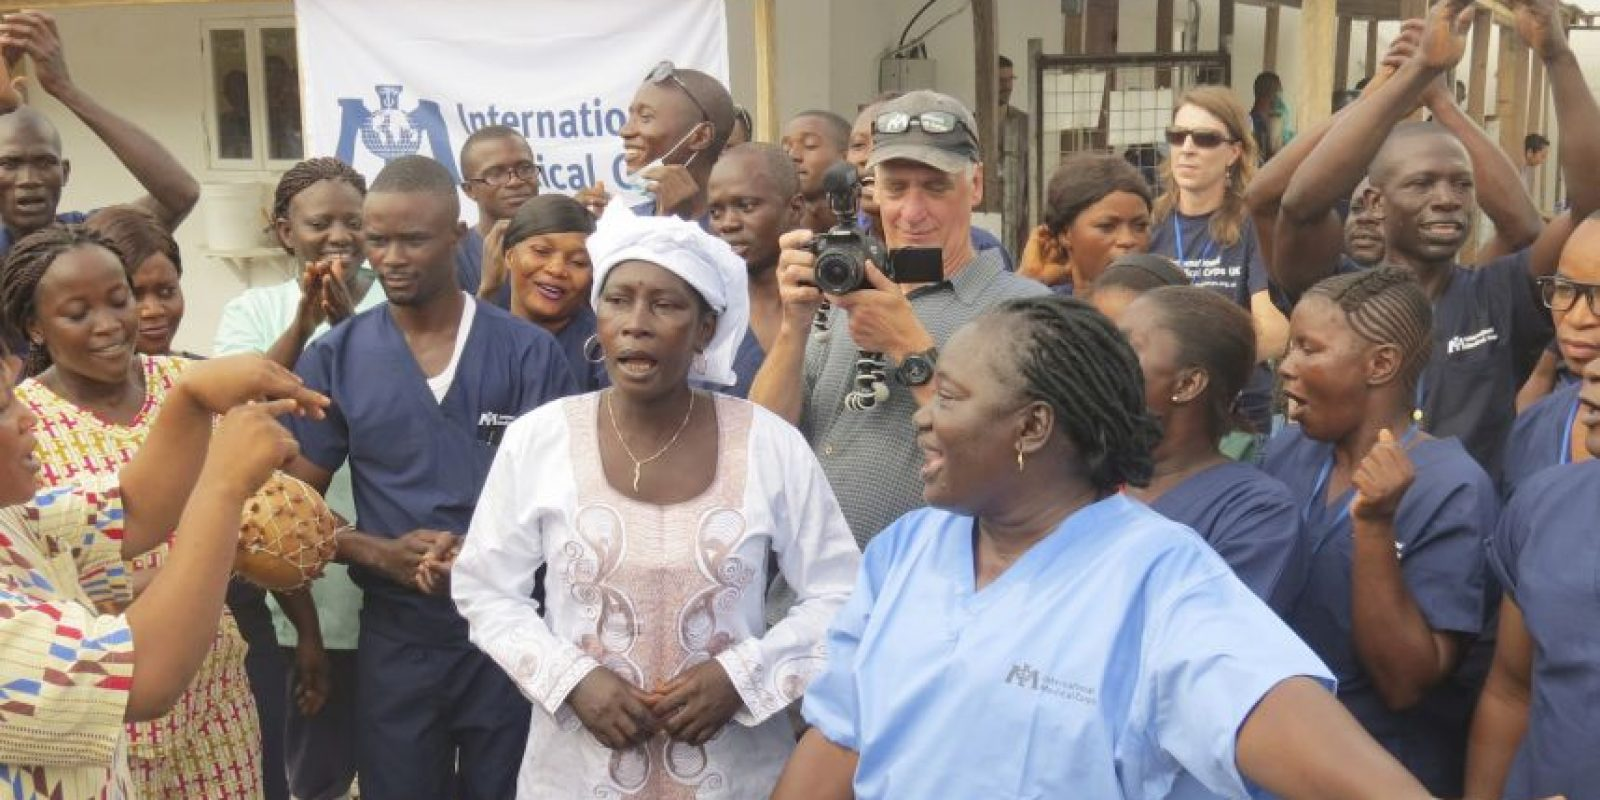 Para que la Organización Mundial de la Salud, declare a Sierra Leona libre de la enfermedad, tienen que pasar 42 día sin algún brote. Foto:AP